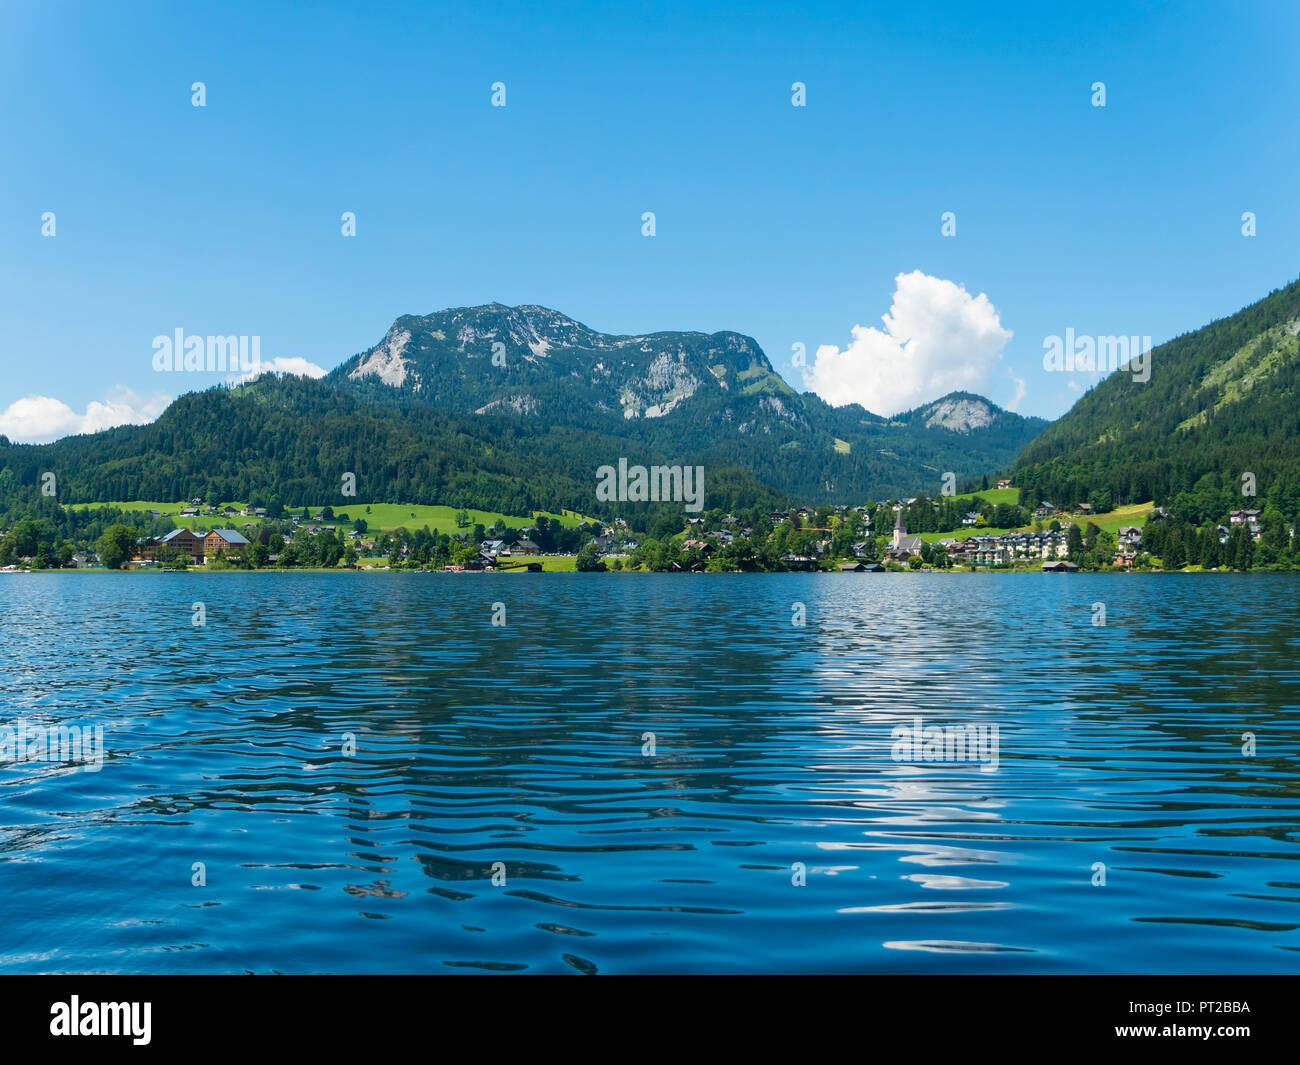 Österreich, Steiermark, Altausse, Altausseeer See, Blick auf Altausse - Stock Image